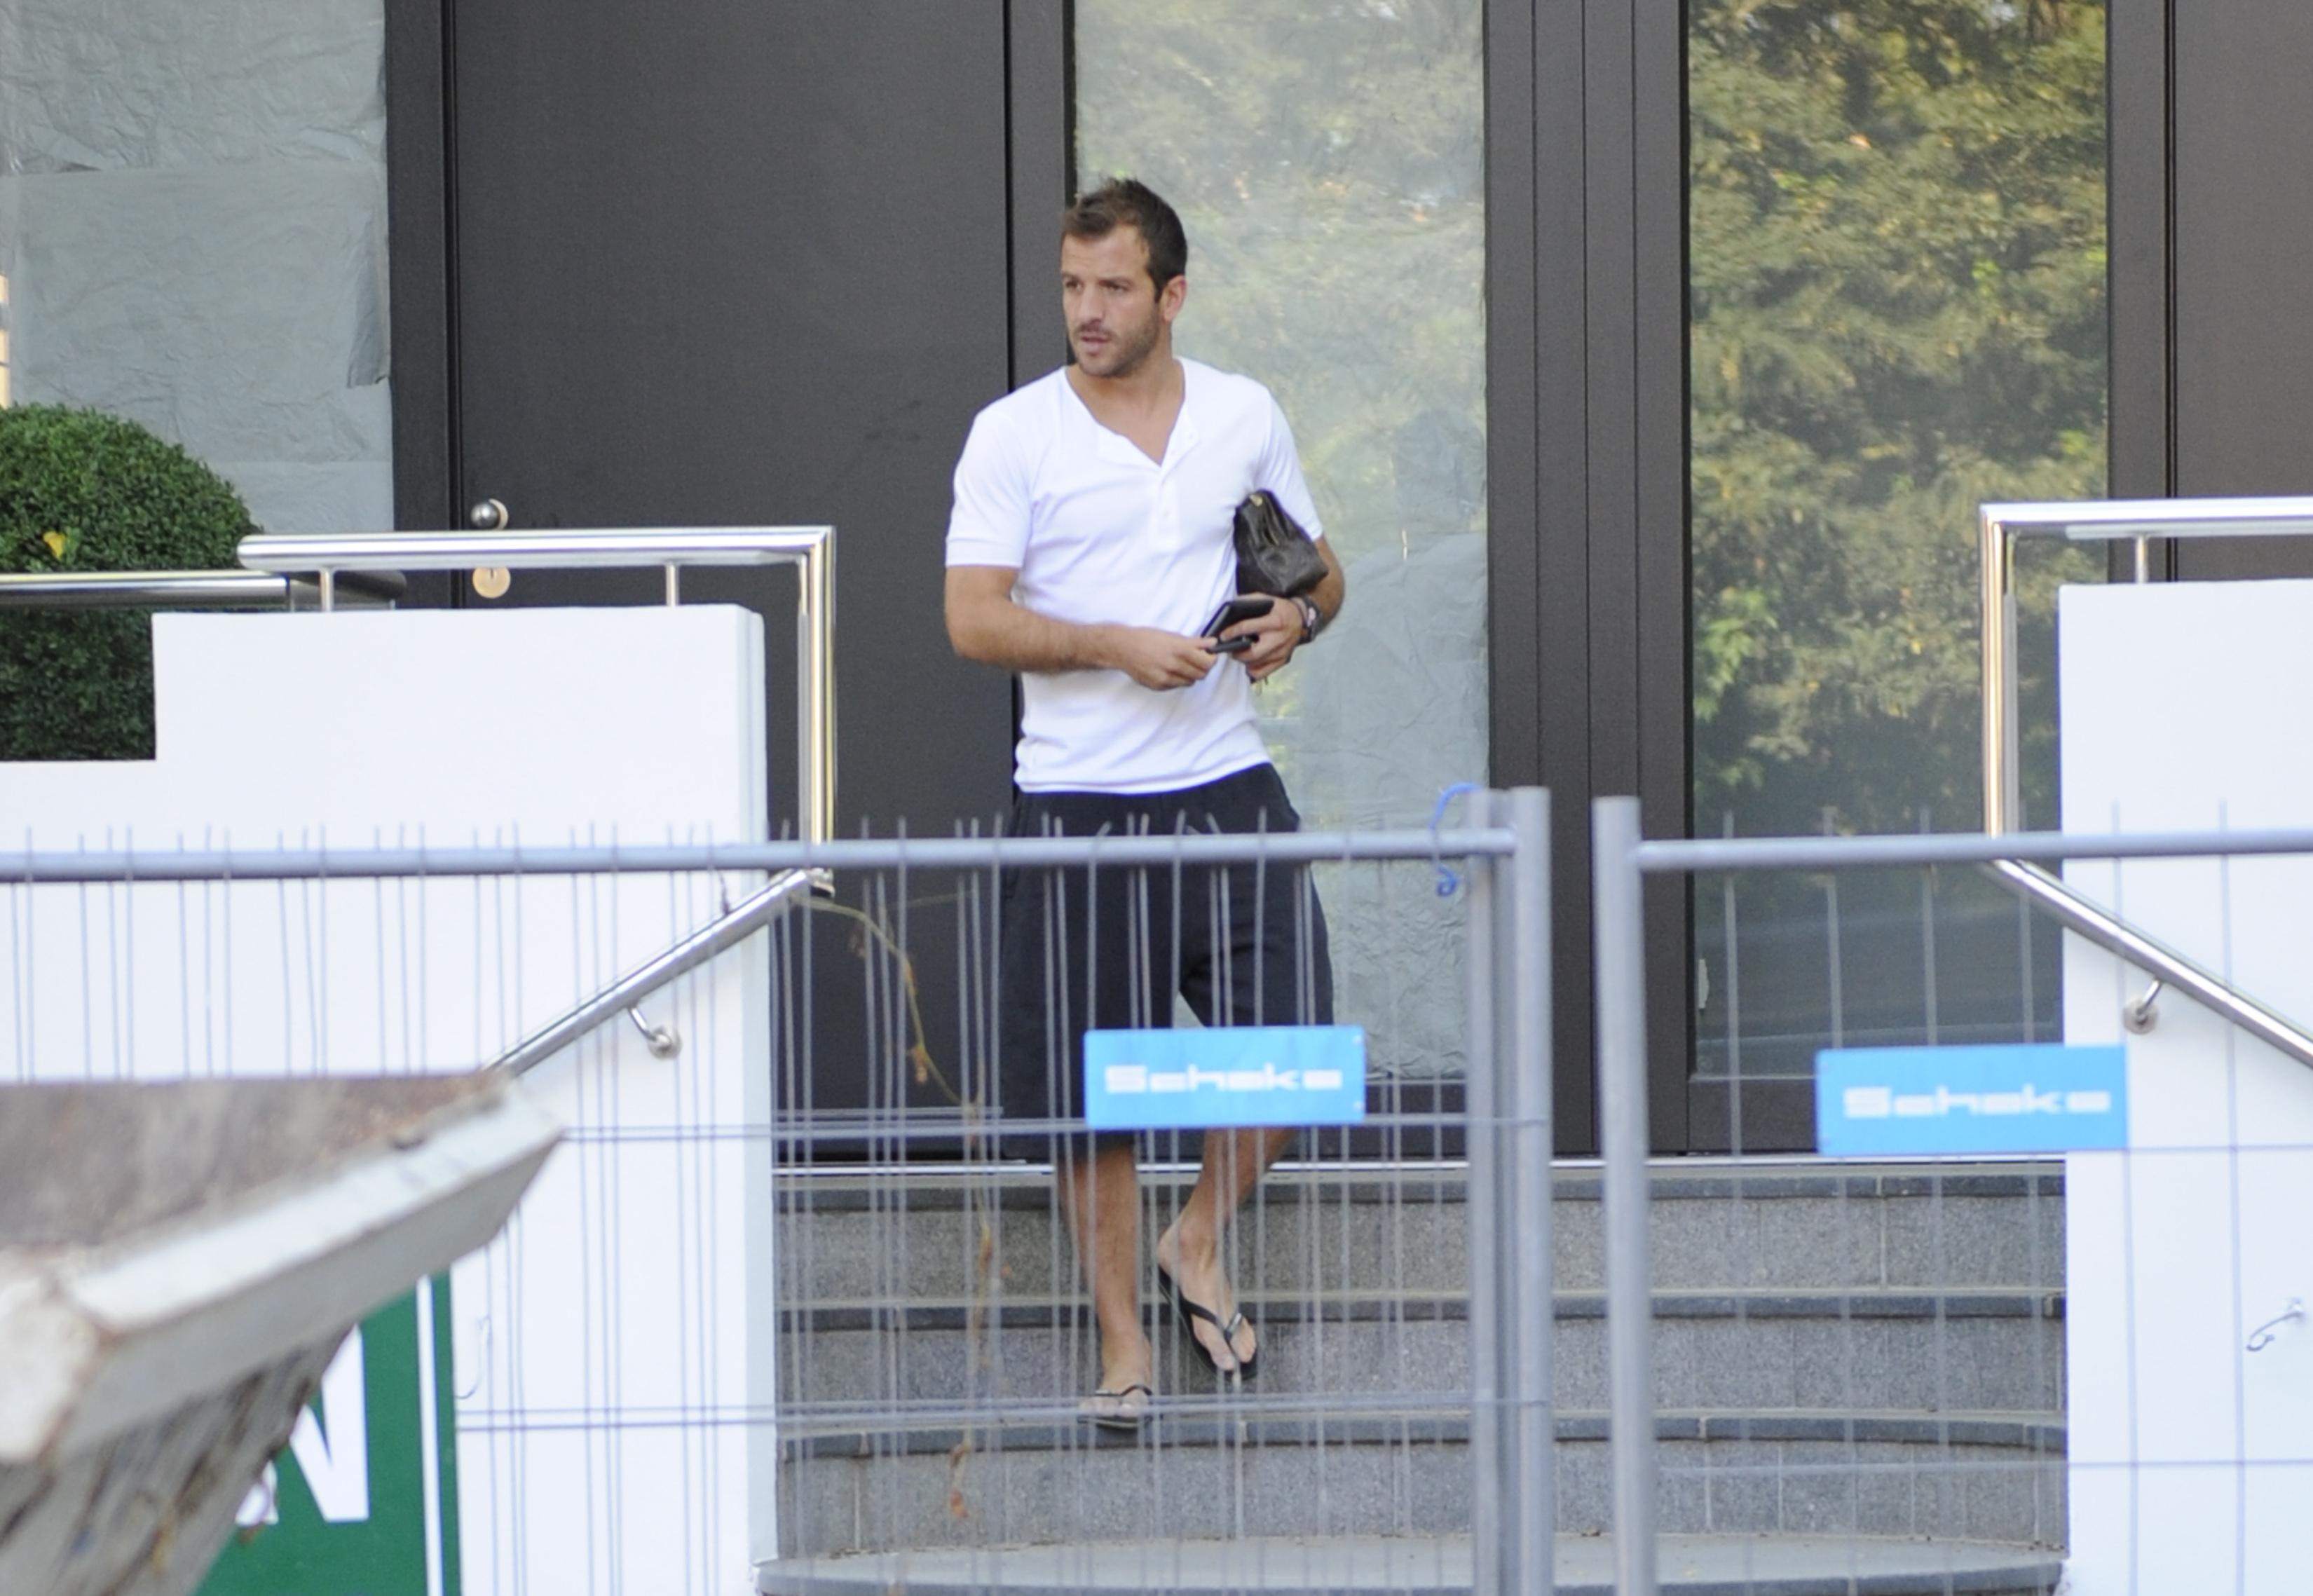 El futbolista Rafael Van der Vaart espera un hijo con la mejor amiga de su ex mujer